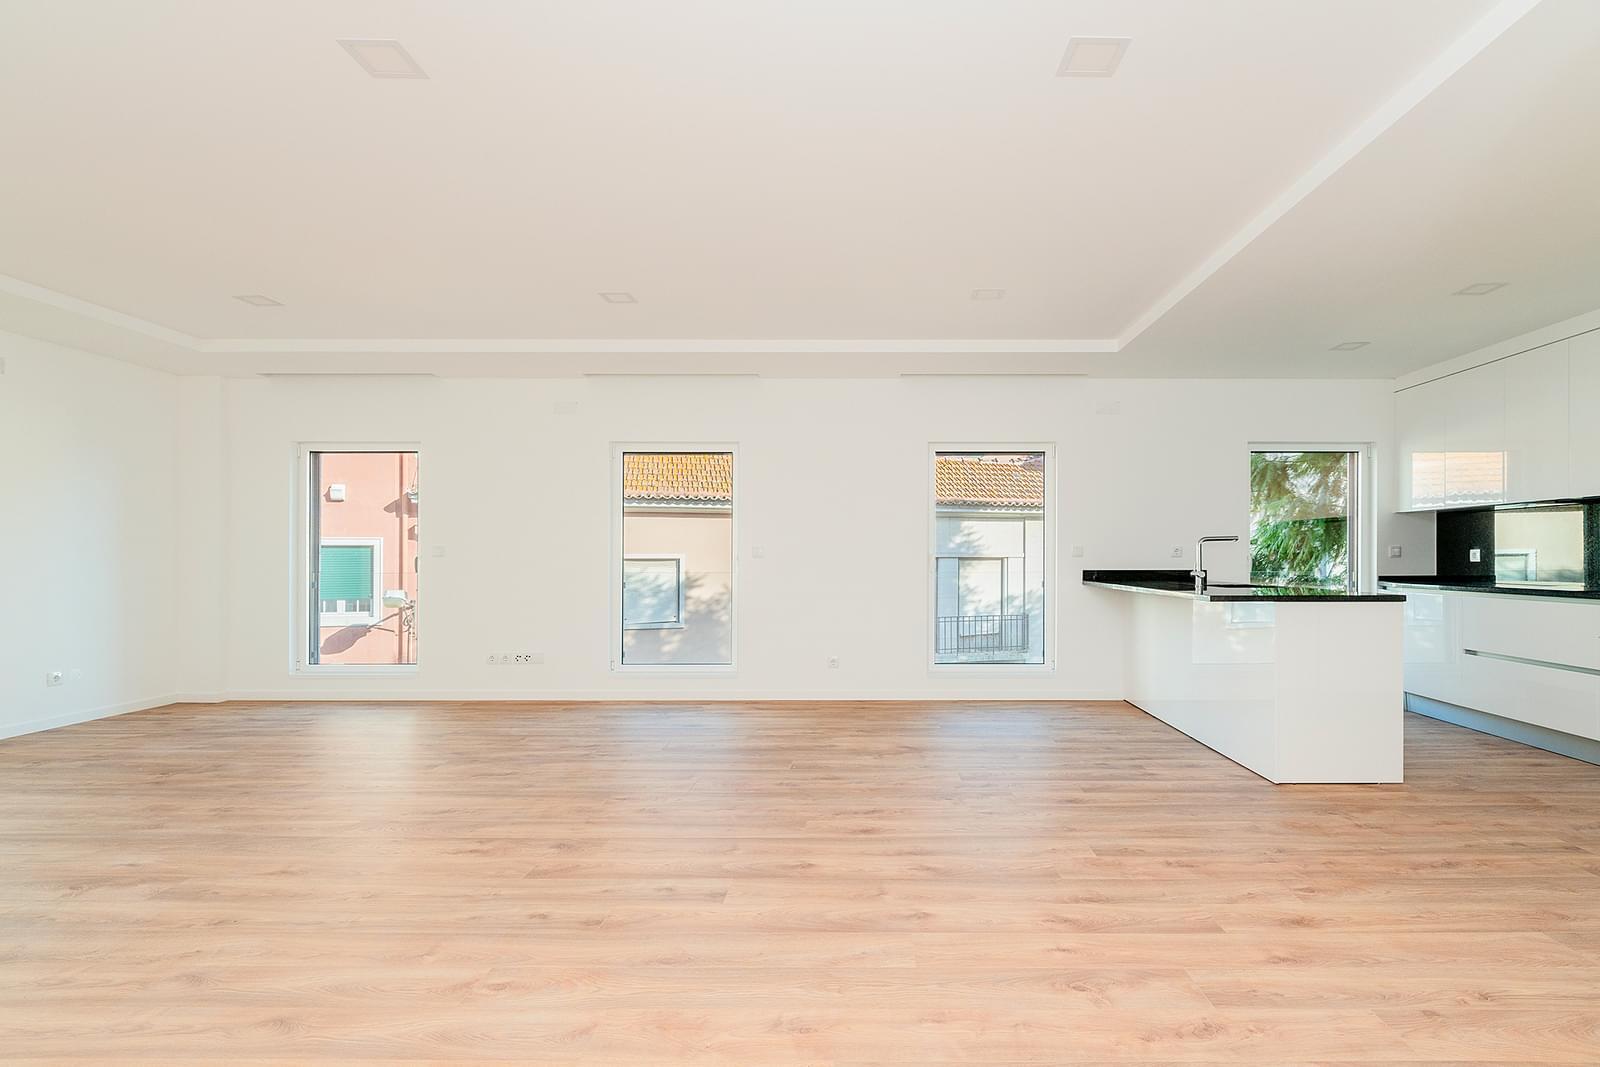 pf16829-apartamento-t1-lisboa-beb28a83-0963-4fa6-aaf9-1a14bb646197